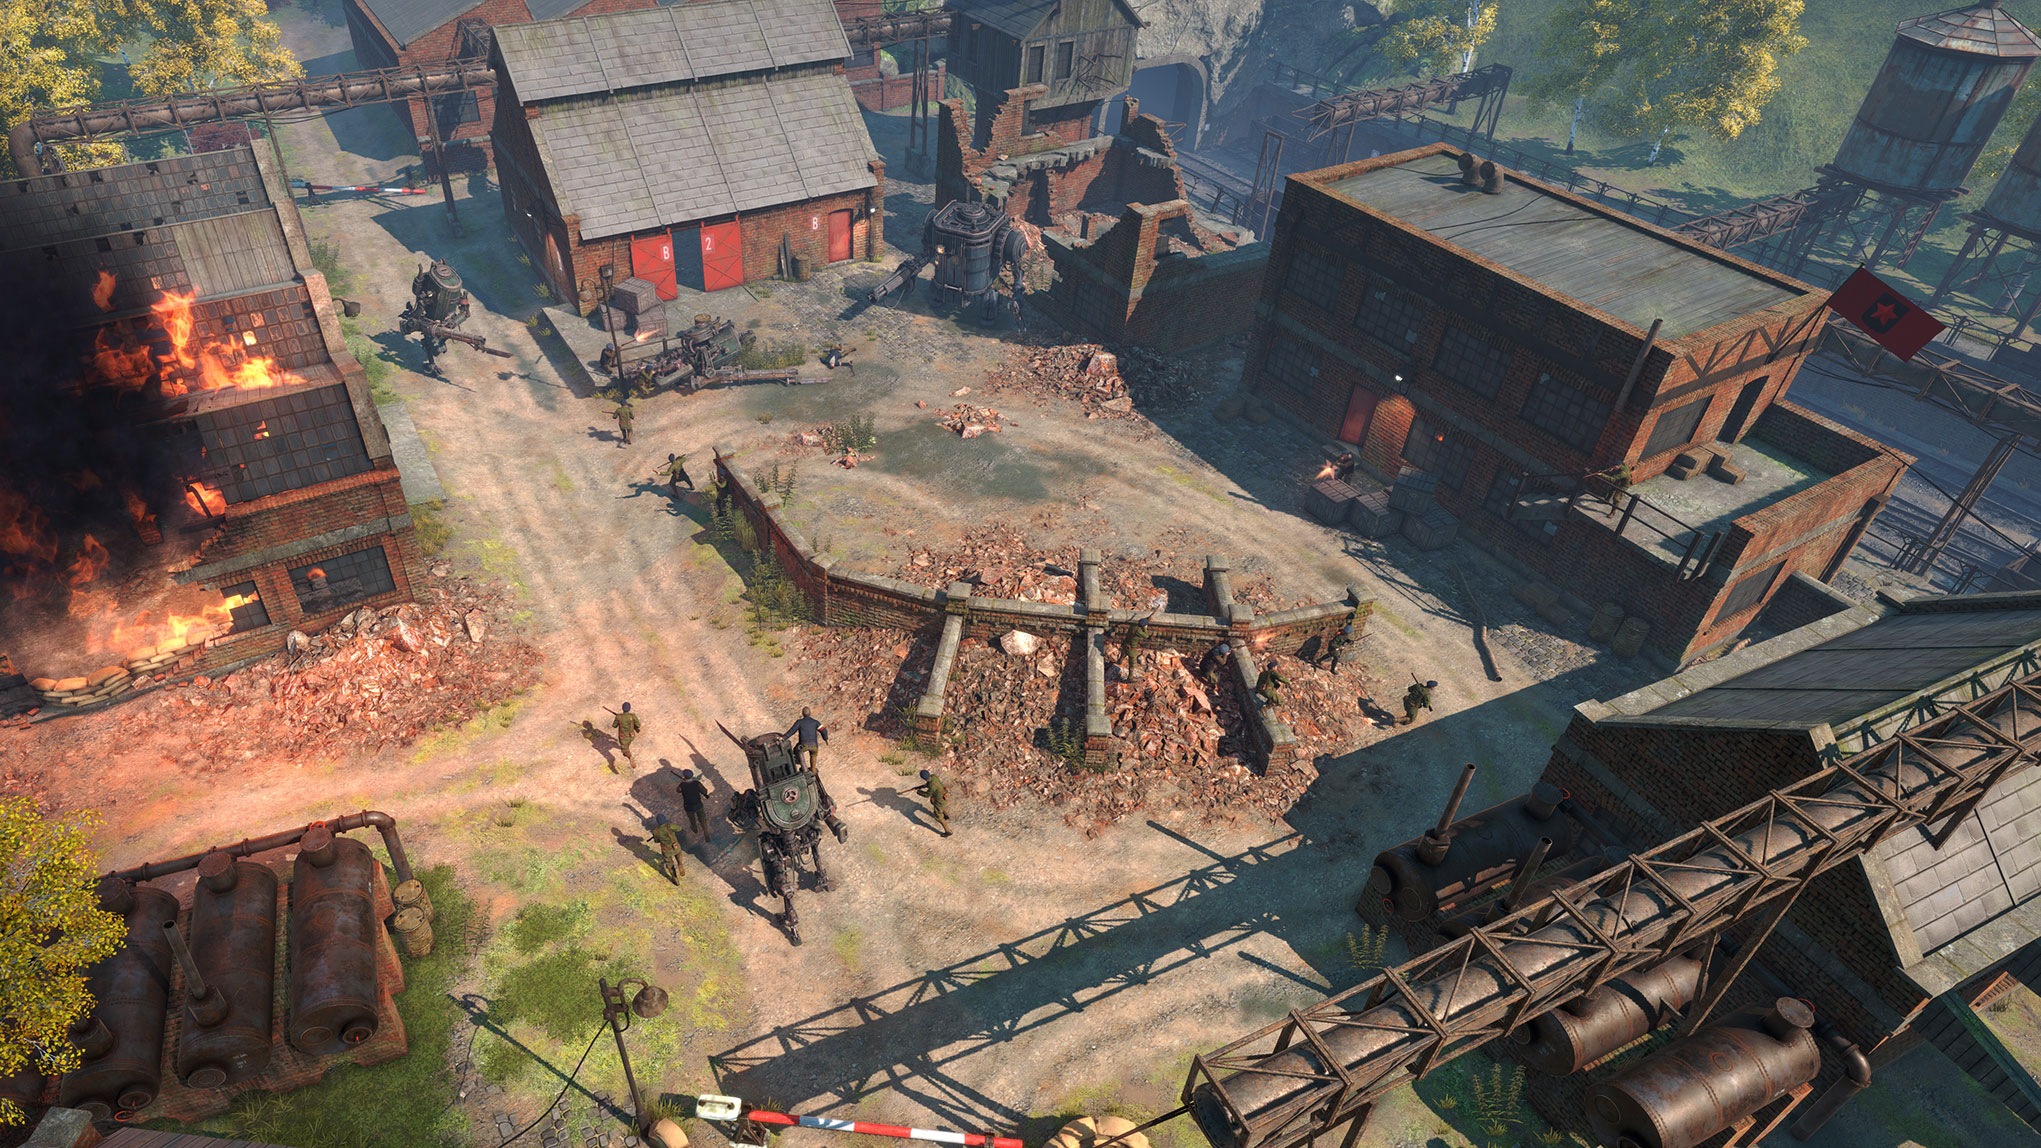 Jetzt stapfen die Stahl-Bestien über 3D-Schlachtfelder, wo sie gegen die Vertreter von zwei anderen Fraktionen antreten. Dabei setzt King Arts' Spiel vor allem auf Singleplayer- der Multiplayer-Modus ist optional und zählt zu den zahlreichen...